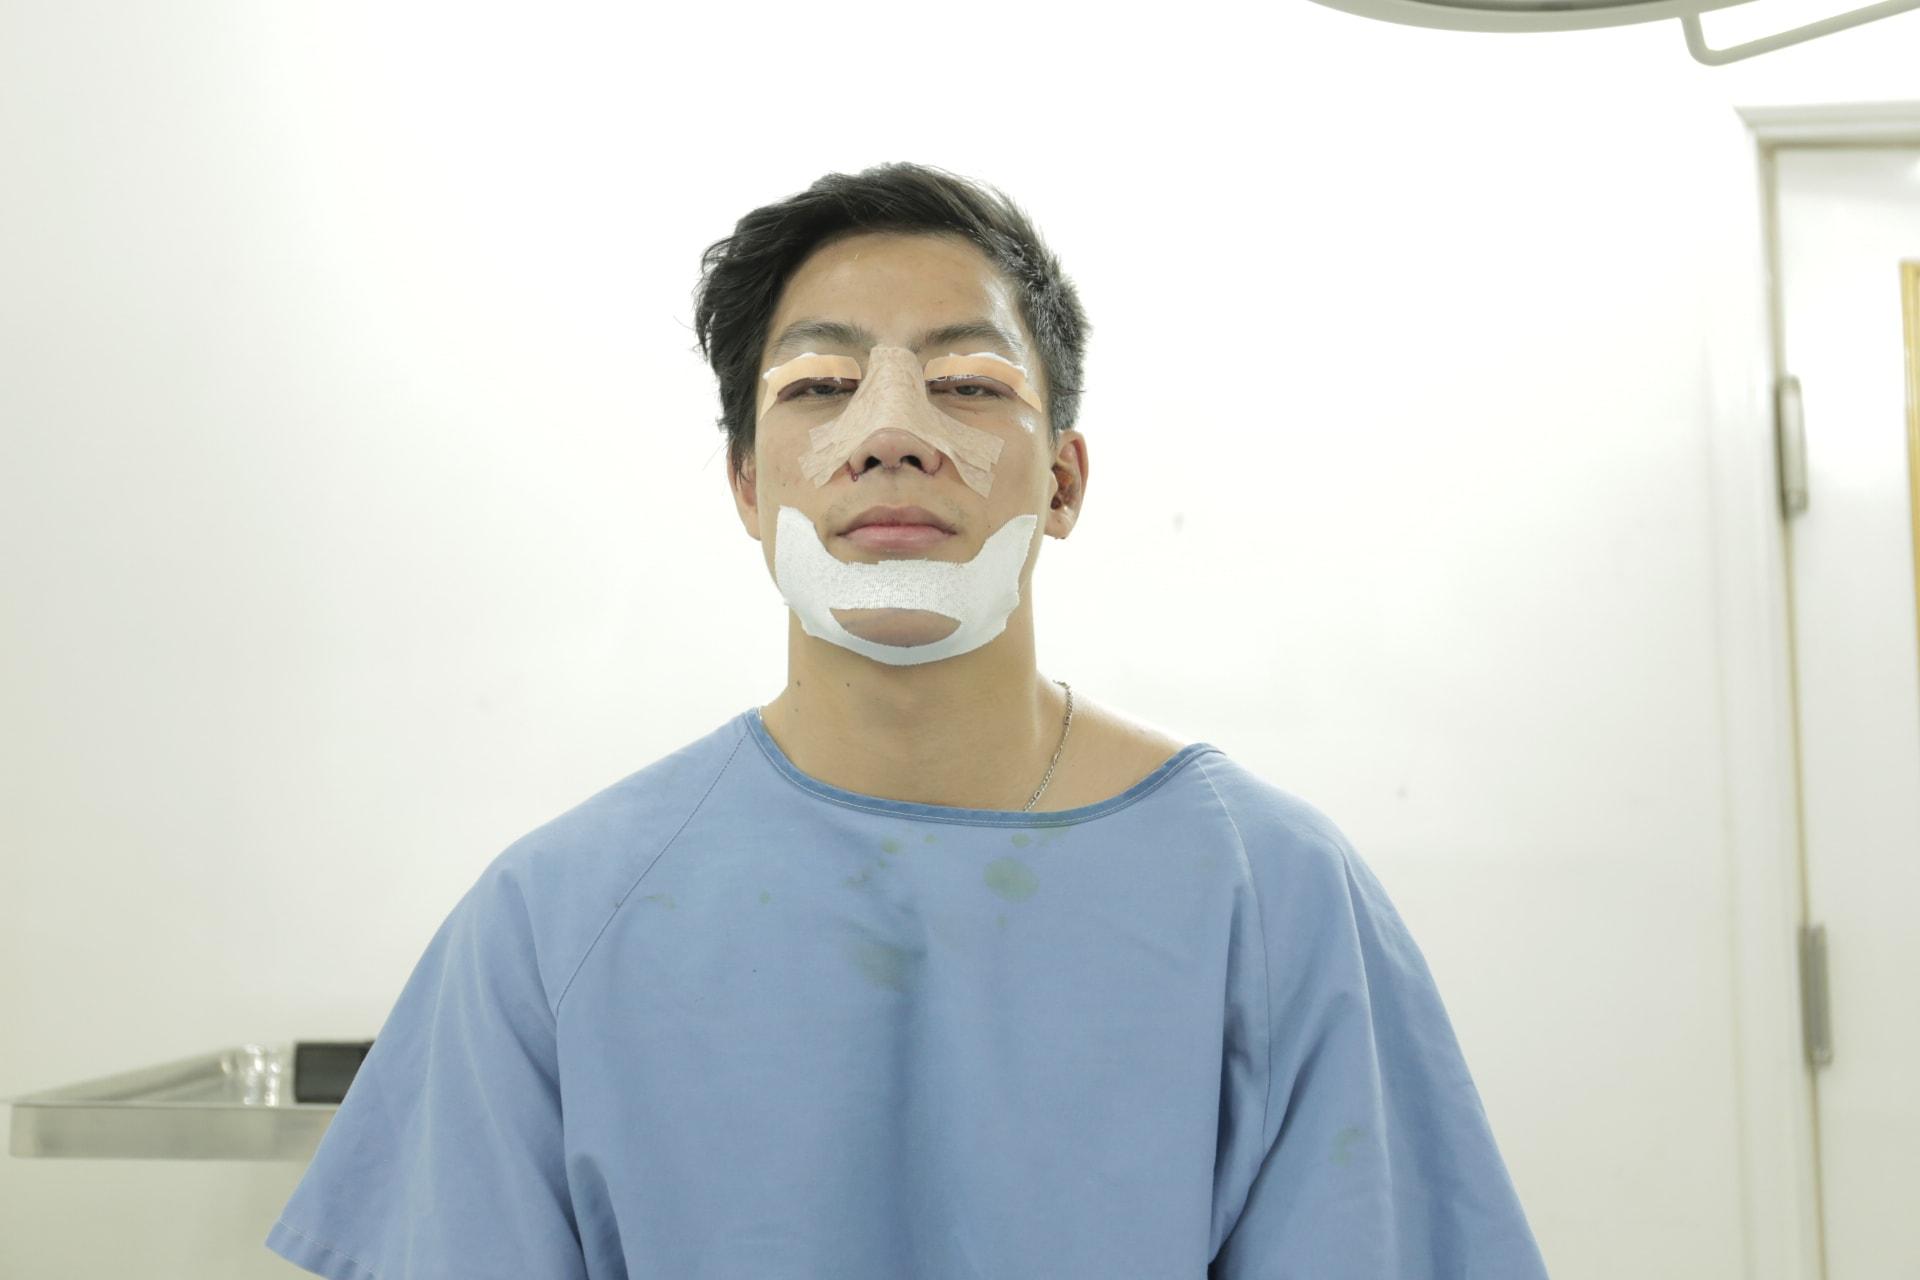 """Dáng mũi thanh tú: Biến chàng trai hai lúa trở thành gương mặt """"lai tây"""" được cộng đồng mạng phát cuồng 2"""